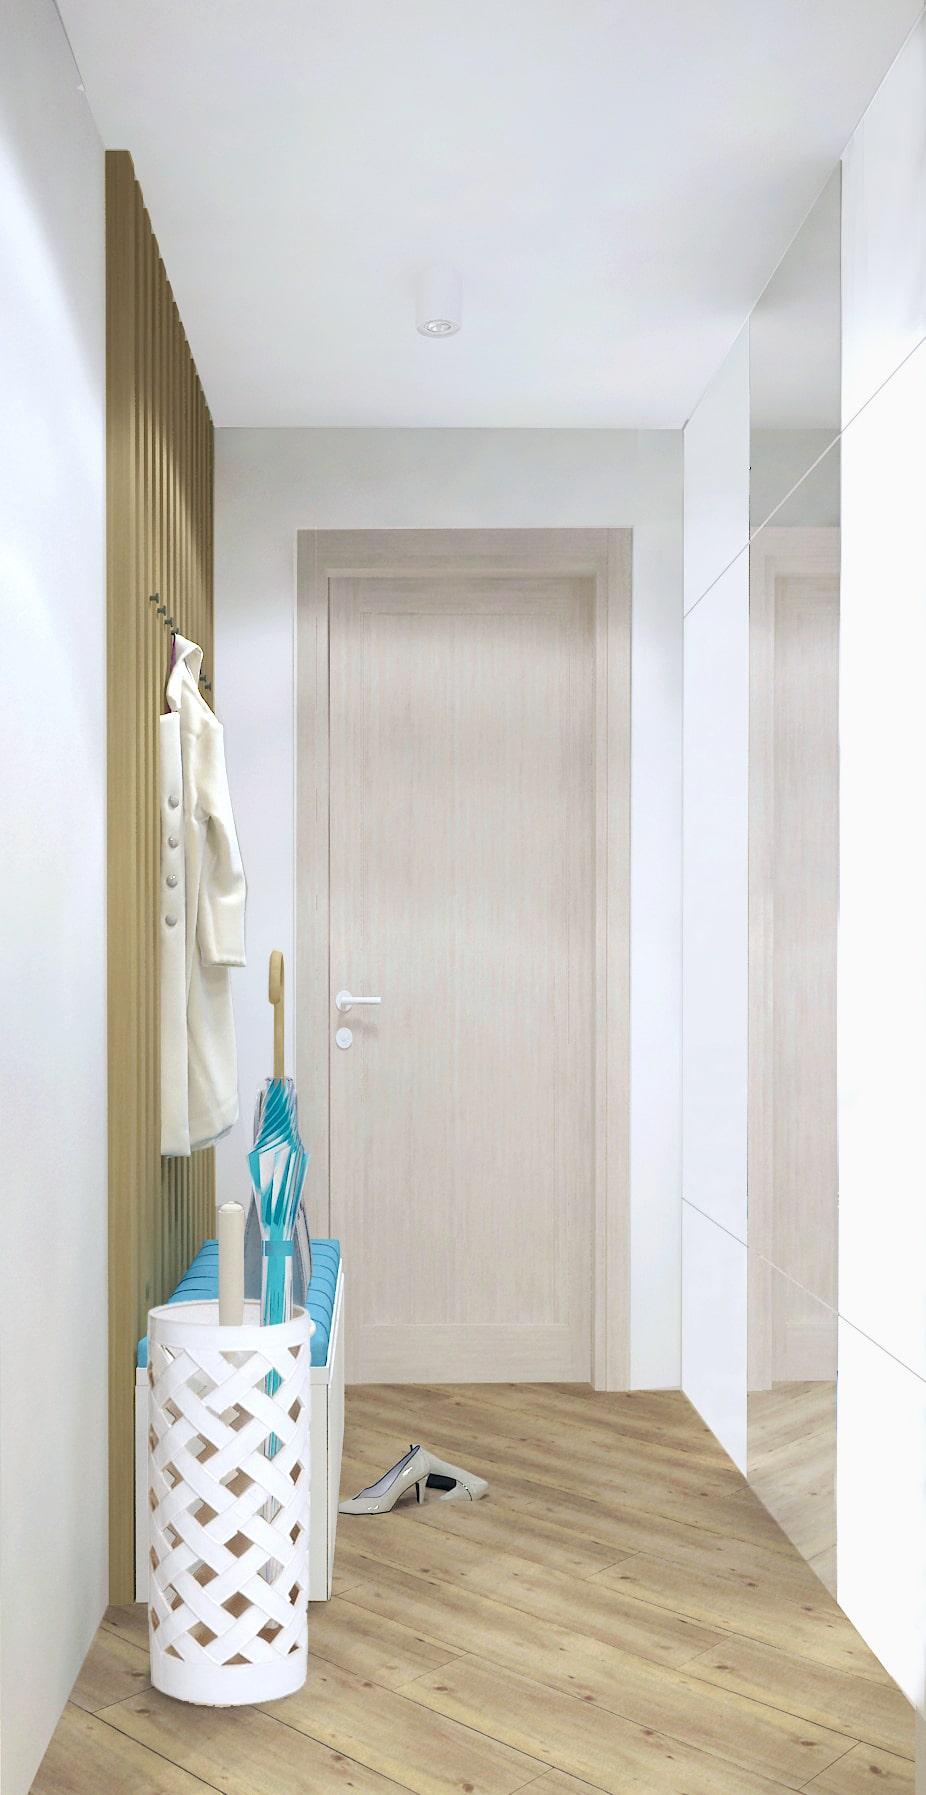 Интерьер прихожей 9 кв.м. в светлых тонах с акцентом, банкетка, открытая вешалка, бруски, шкаф, зеркало